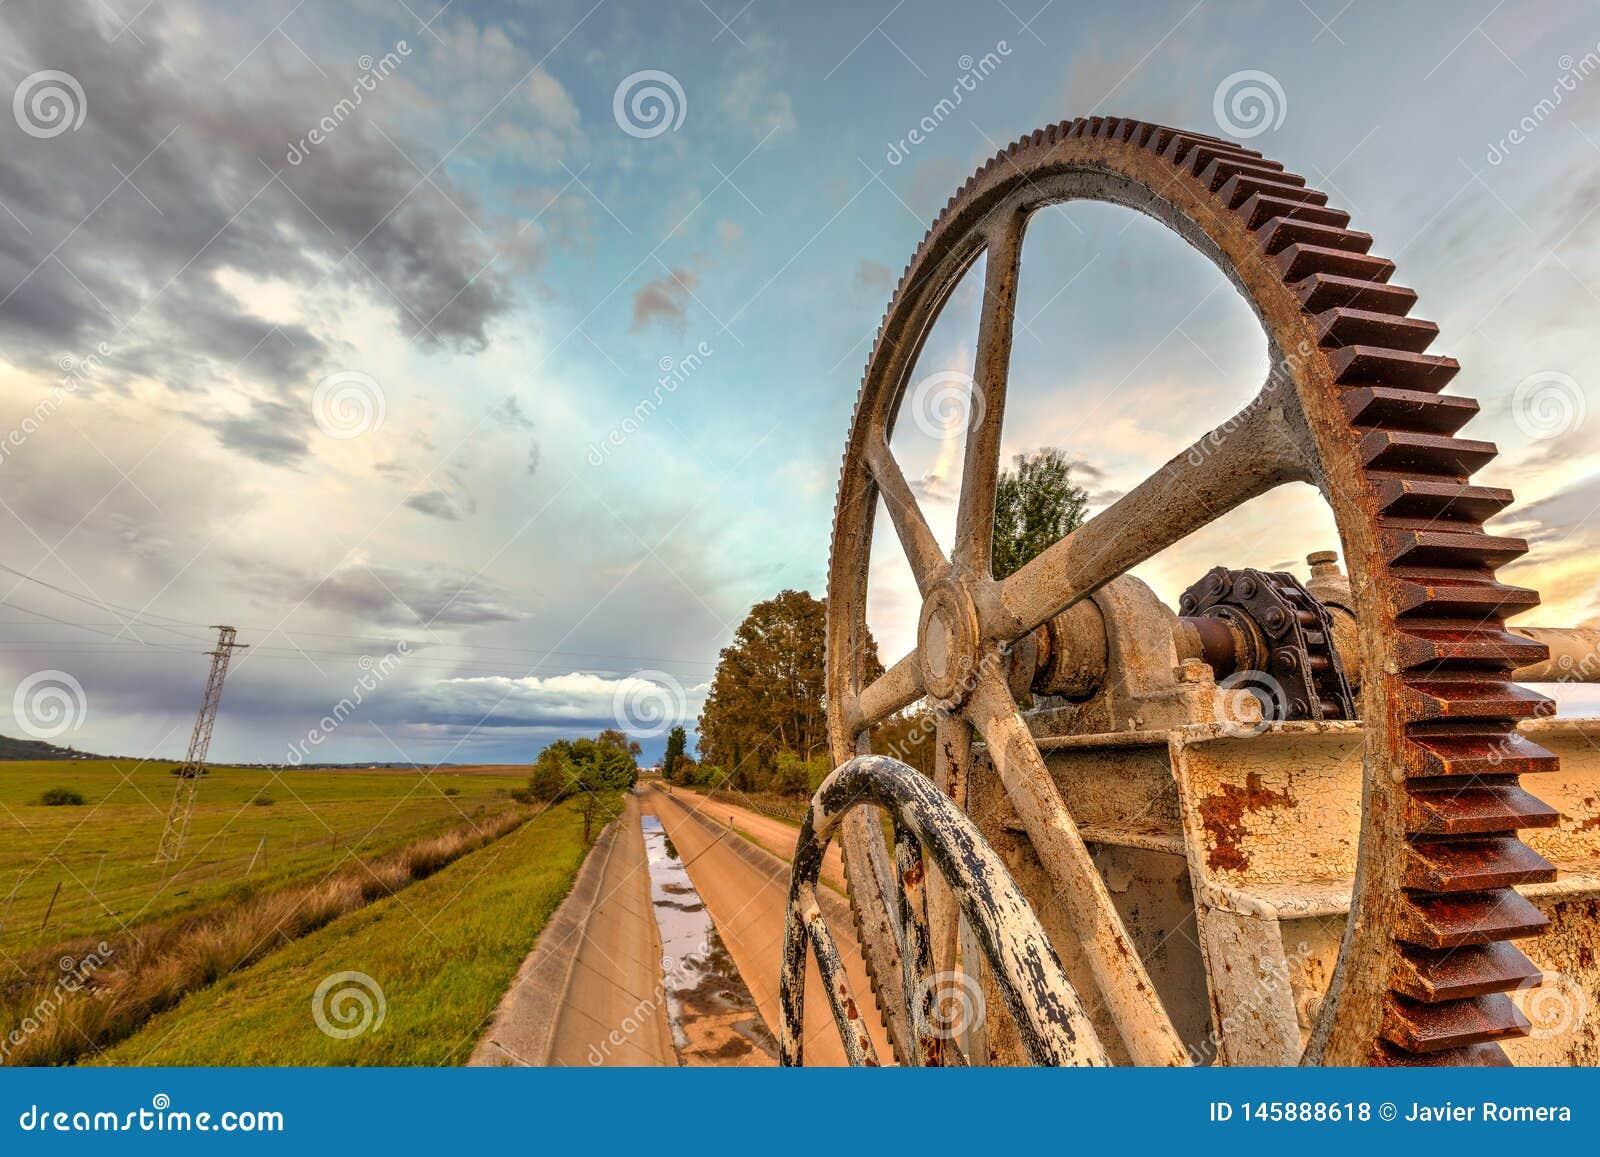 Σκουριασμένος μηχανισμός cogwheels για ένα κανάλι ποτίσματος